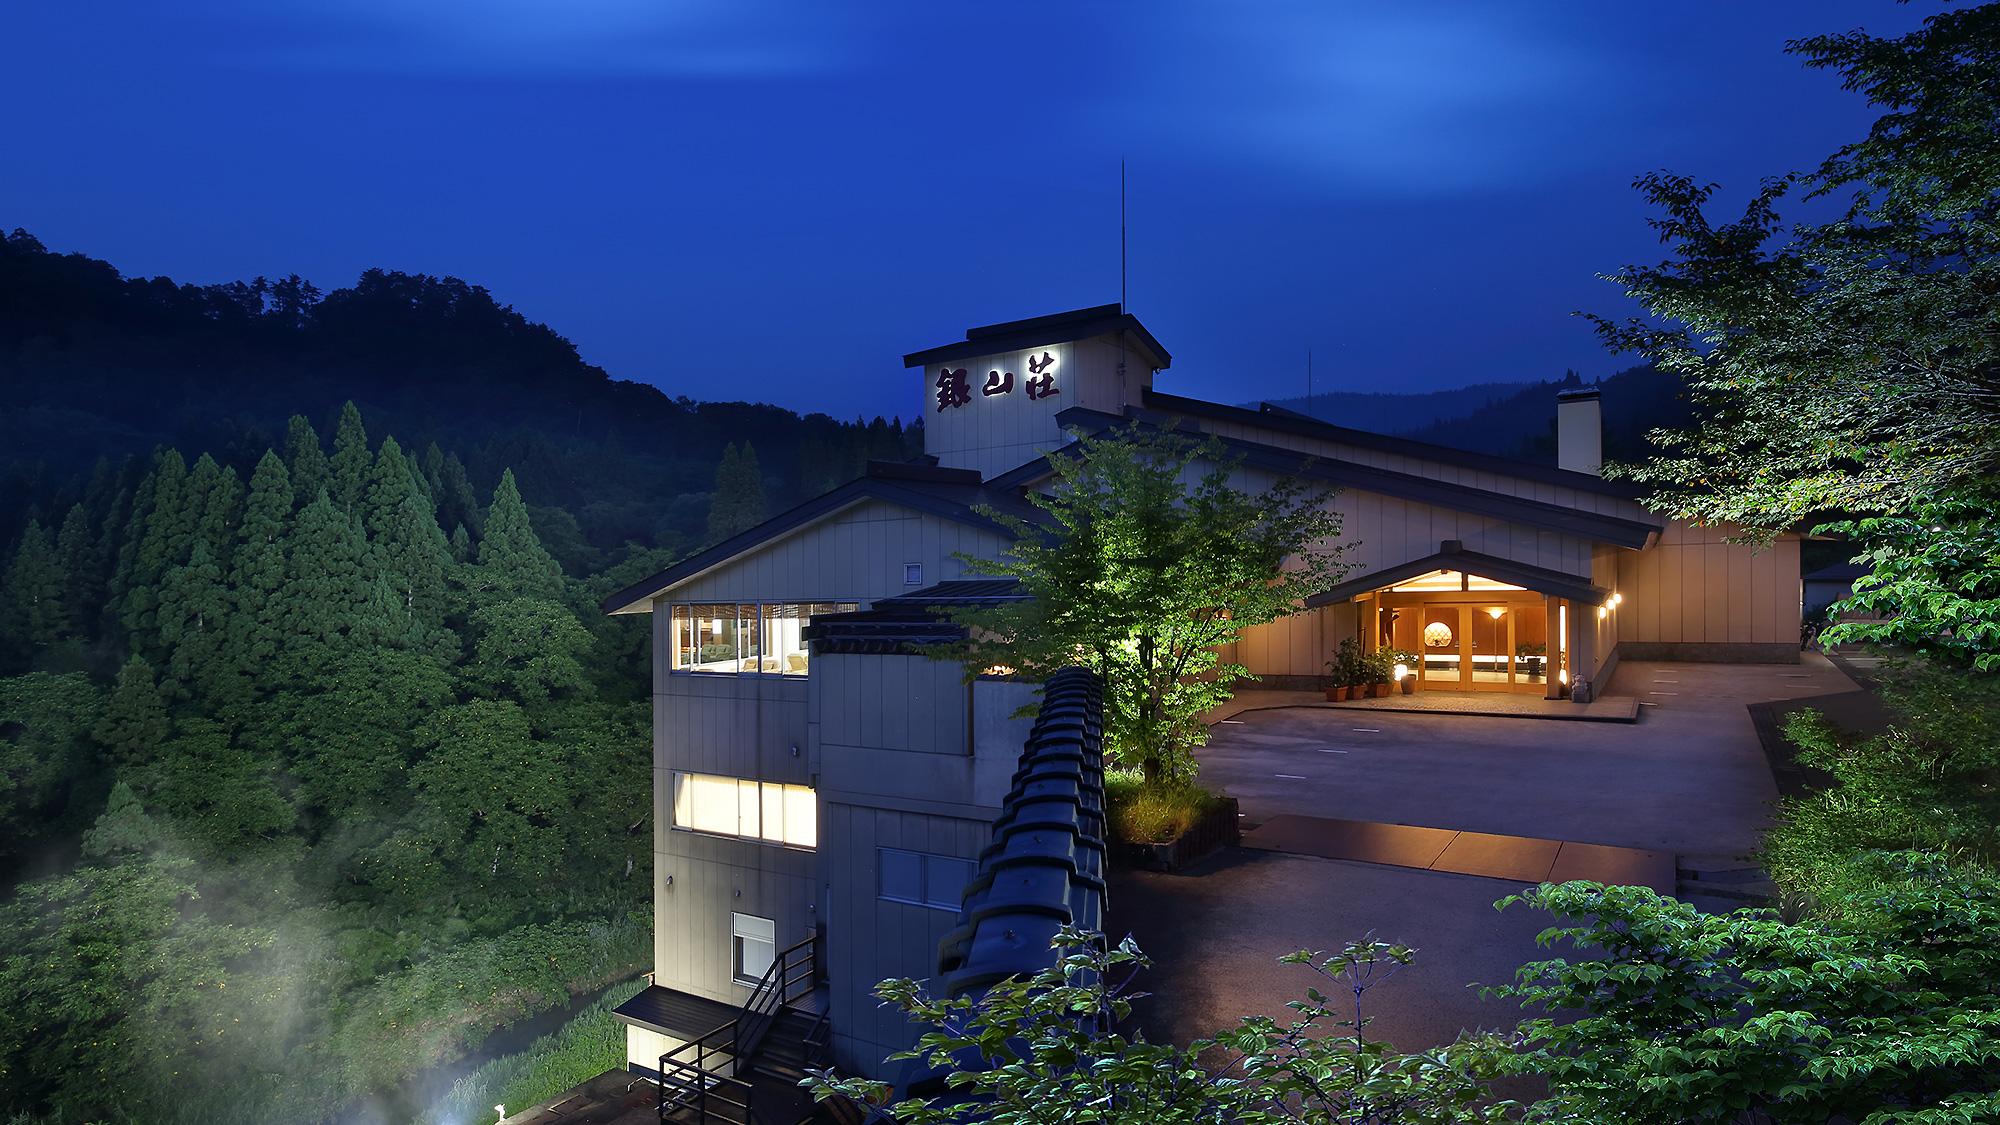 12月に行く銀山温泉で山形牛が食べたい